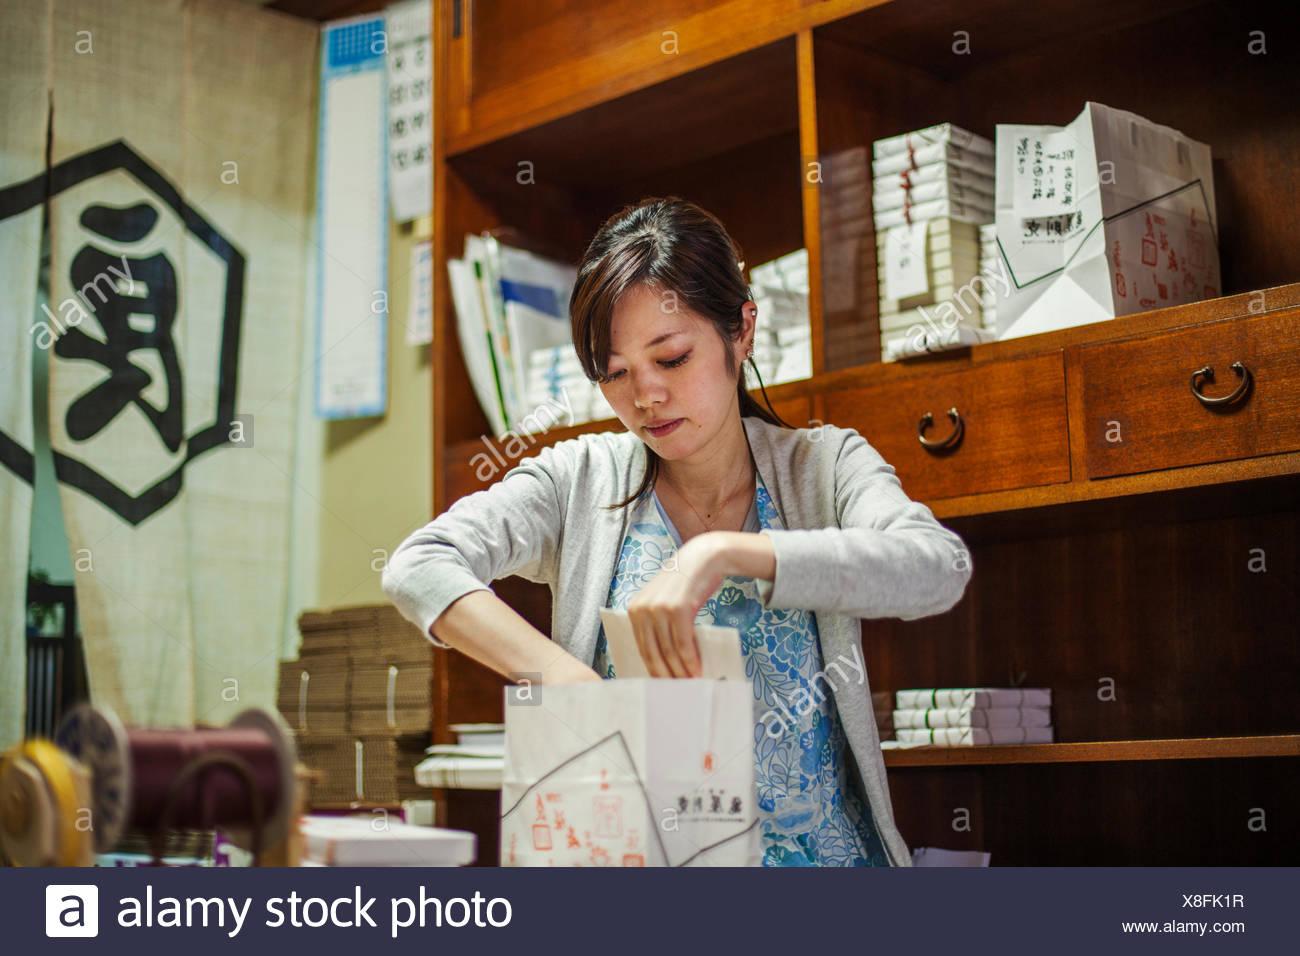 Eine kleinen Handwerker-Hersteller von Spezialisten behandelt, Süßigkeiten Wagashi genannt. Eine Frau süß Umzugskartons für die Lieferung. Stockbild